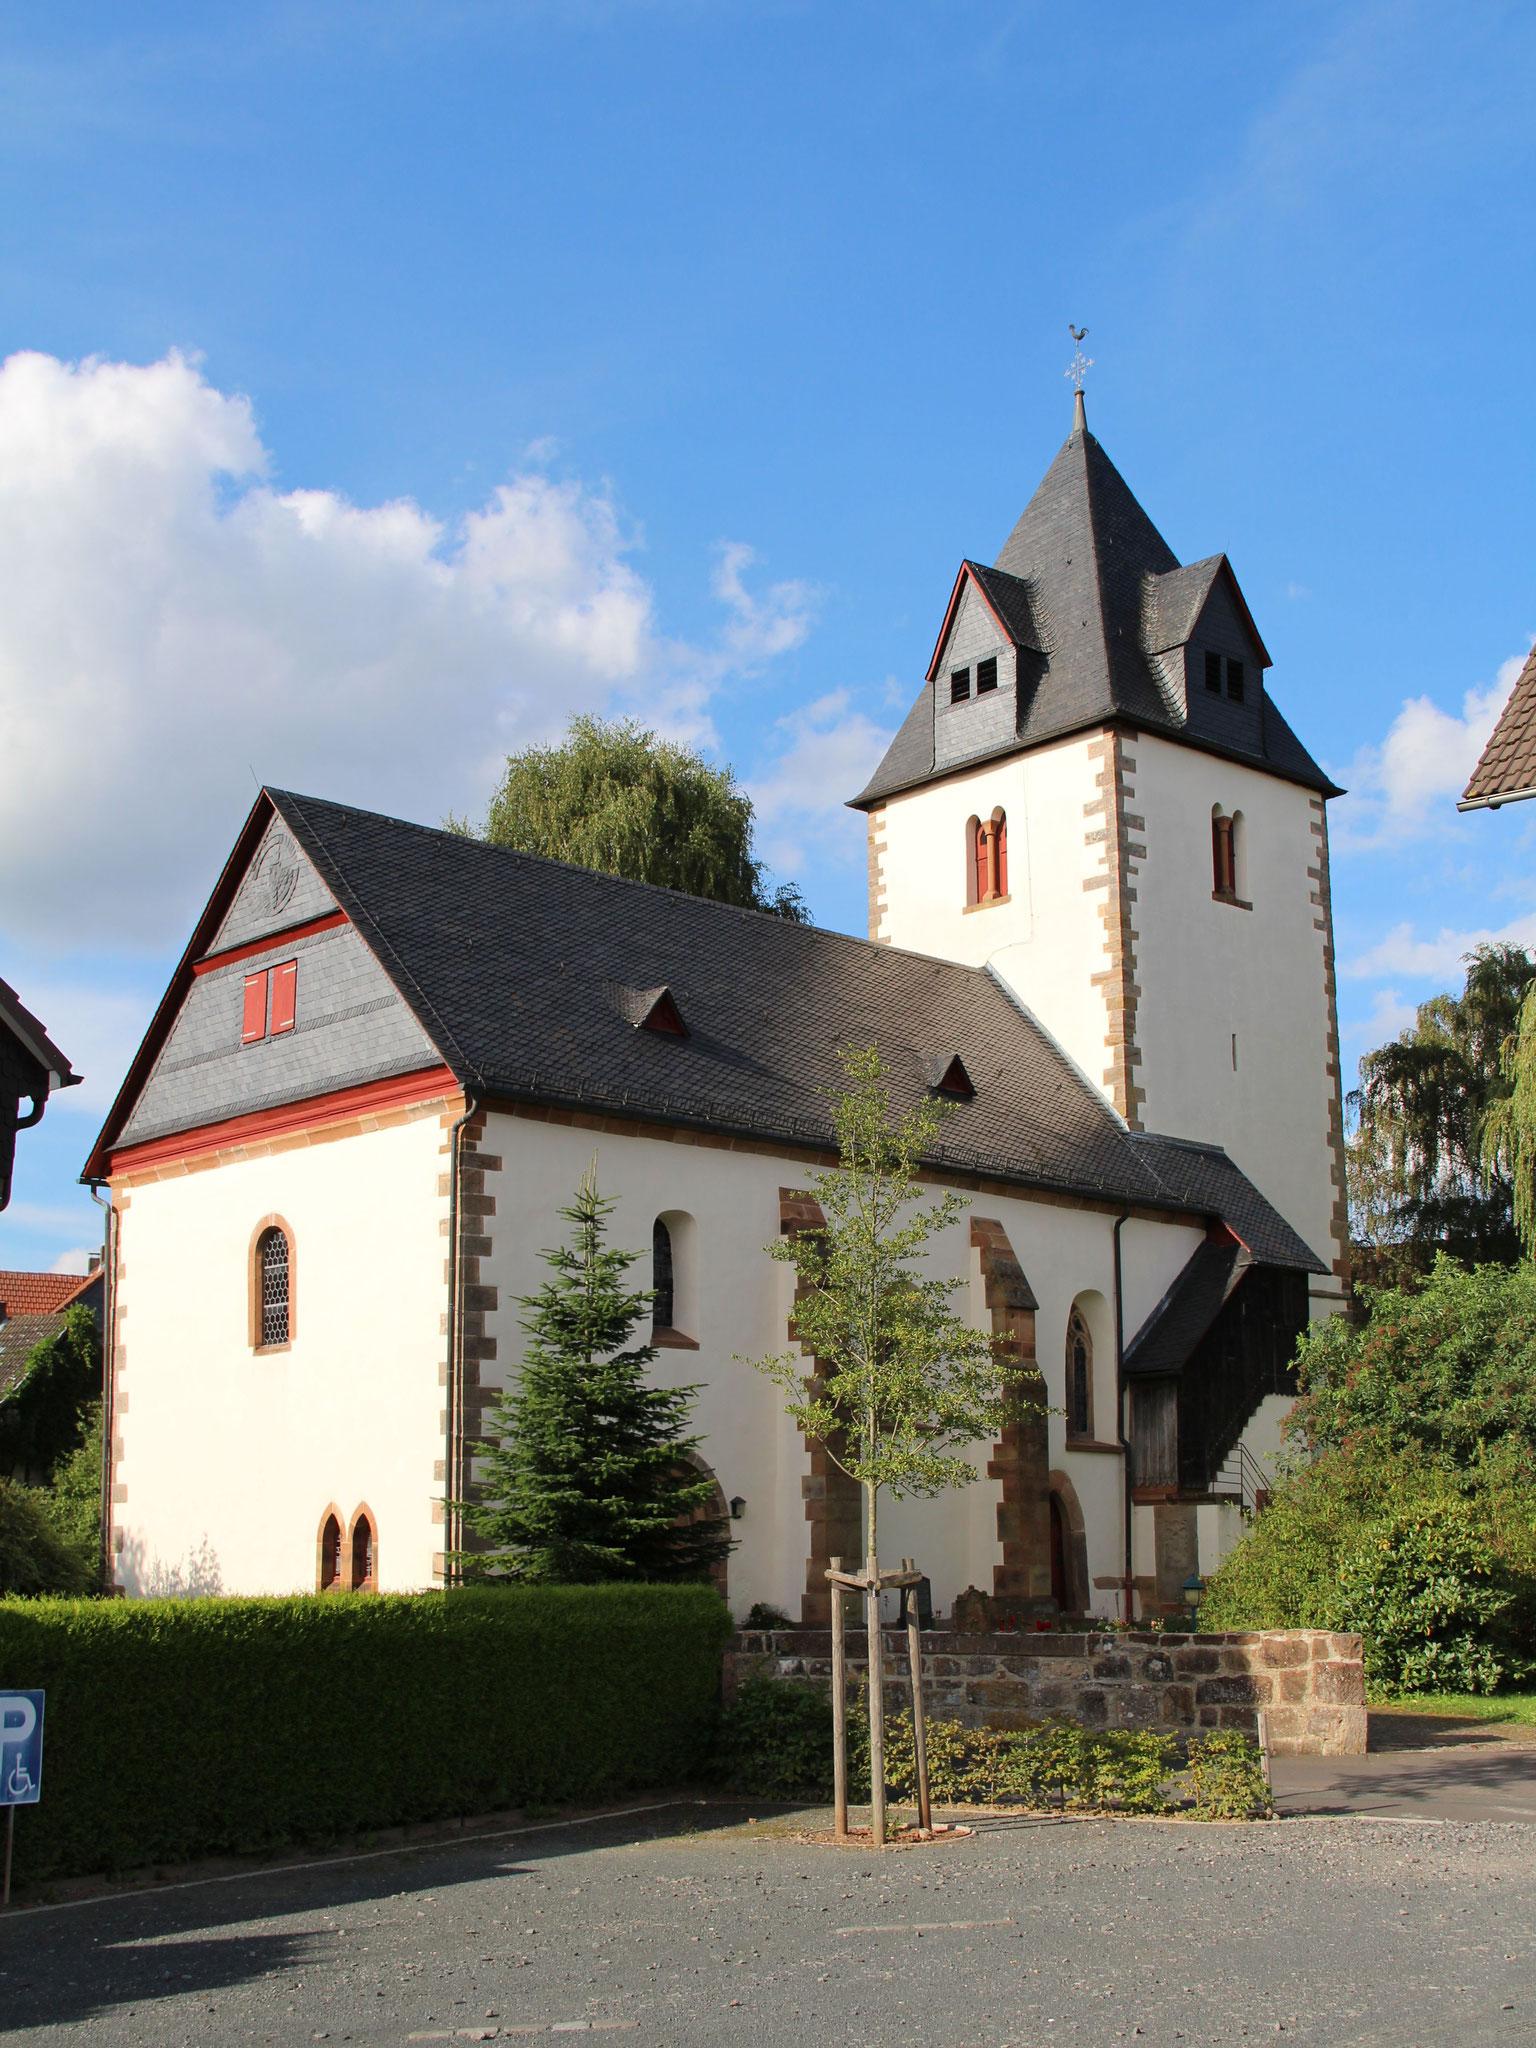 Martinskirche Michelbach   Bildquelle: Gerold Rosenberg bei Wikipedia